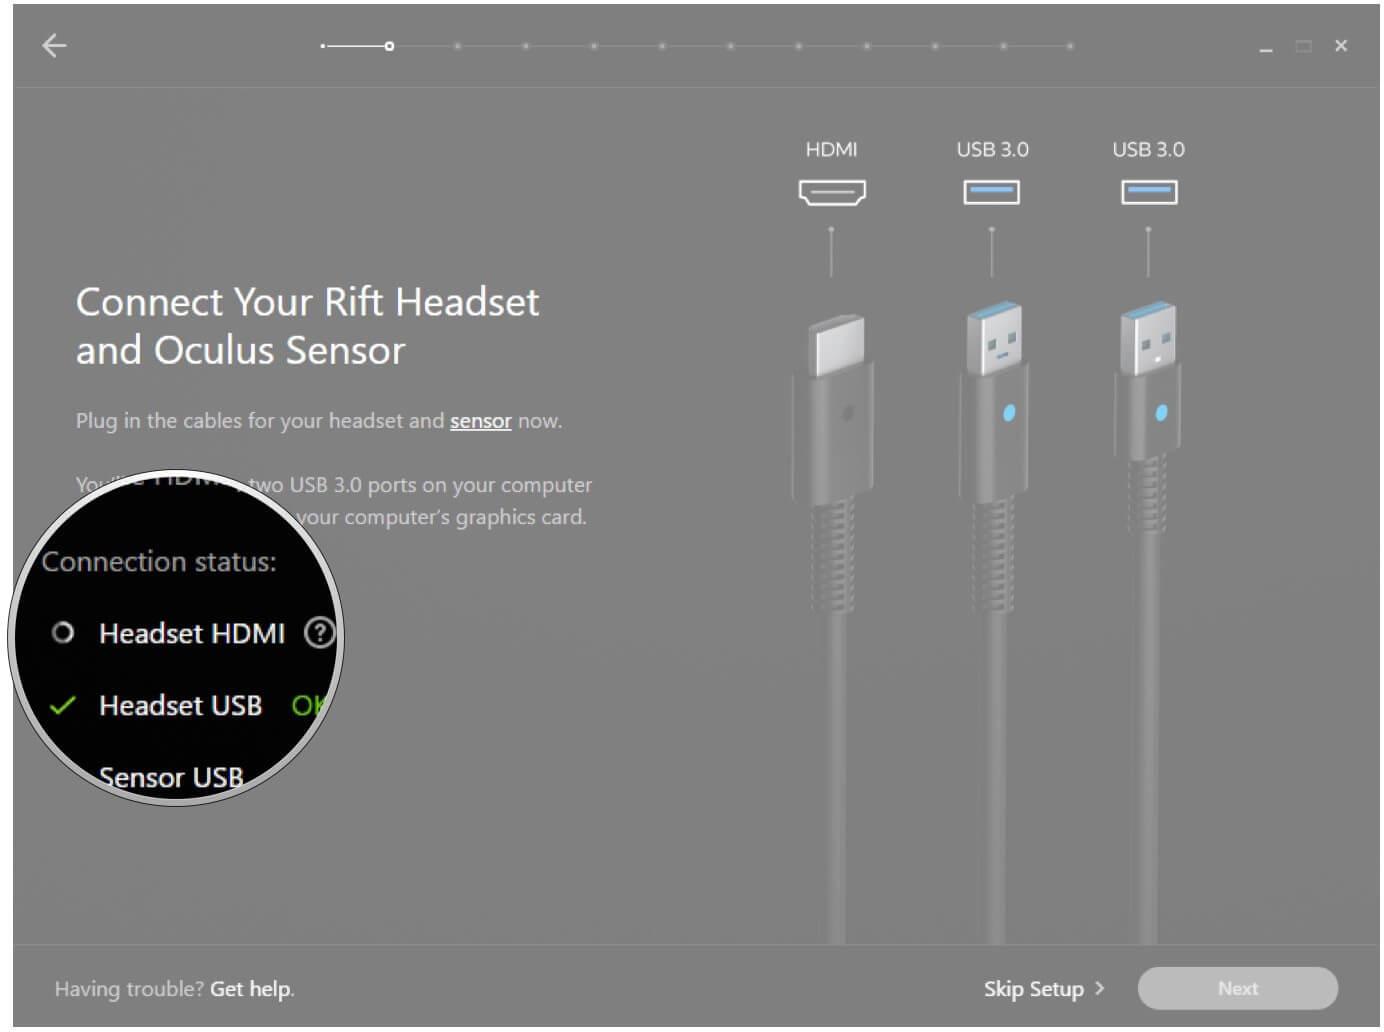 Как исправить проблемы Oculus Rift c HDMI и обновить драйверы